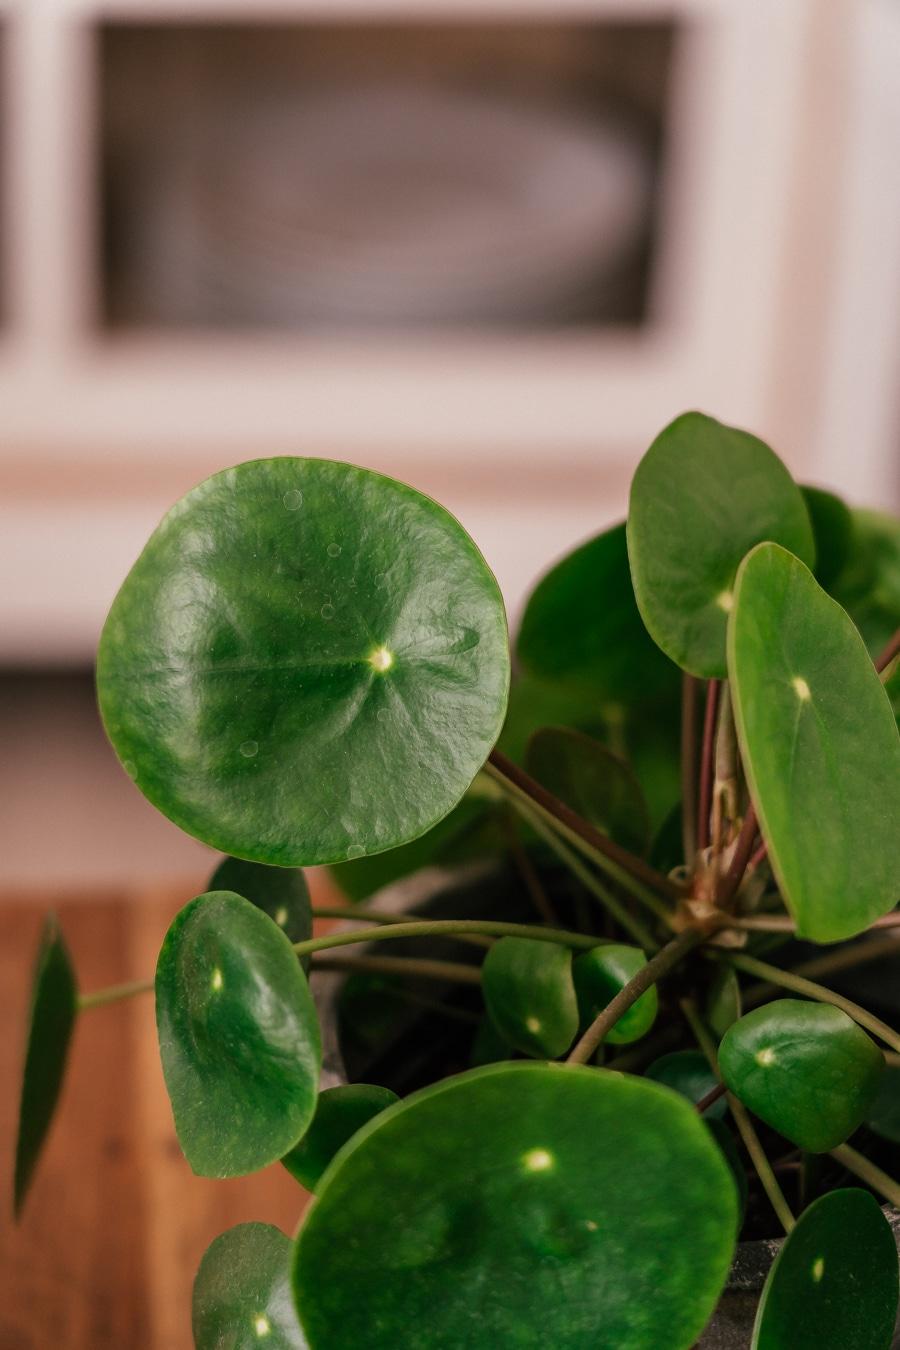 5 Tipps für Pflanzenanfänger: Deine Pilea richtig pflegen  Text: Damit du an deiner neuen Pflanze lange Freude hast, habe ich abschließend für dich fünf Tipps, wie du auch als Pflanzenanfänger deine Pilea ganz einfach glücklich machen kannst:  Der perfekte Platz: Für deine Pilea solltest du ein lichtdurchflutetes Plätzchen suchen. Jedoch mag sie keine direkte Sonneneinstrahlung. Richtig gießen: Nicht zu viel gießen? Das gilt bei Pilea eher nicht, denn sie mag es recht feucht. Berühre die Erde immer wieder und wenn sie trocken, dann kannst du deine Pflanze gießen. Aber Vorsicht: Staunässe bitte auch bei Pileas vermeiden! Pileas mögen Luftfeuchtigkeit: Deshalb lieben Ufopflanzen es auch sehr, im Bad zu stehen. Pflanze drehen: Du solltest deine Pilea häufiger drehen. Der Grund: Sie wächst in die Richtung des Sonnenlichts und ohne das Drehen, ist sie irgendwann sehr ungleichmäßig. Umtopfen nicht vergessen: Etwa alle sechs Monate solltest du deine Ableger umtopfen, sodass sie genügend Platz haben und weiter wachsen können.